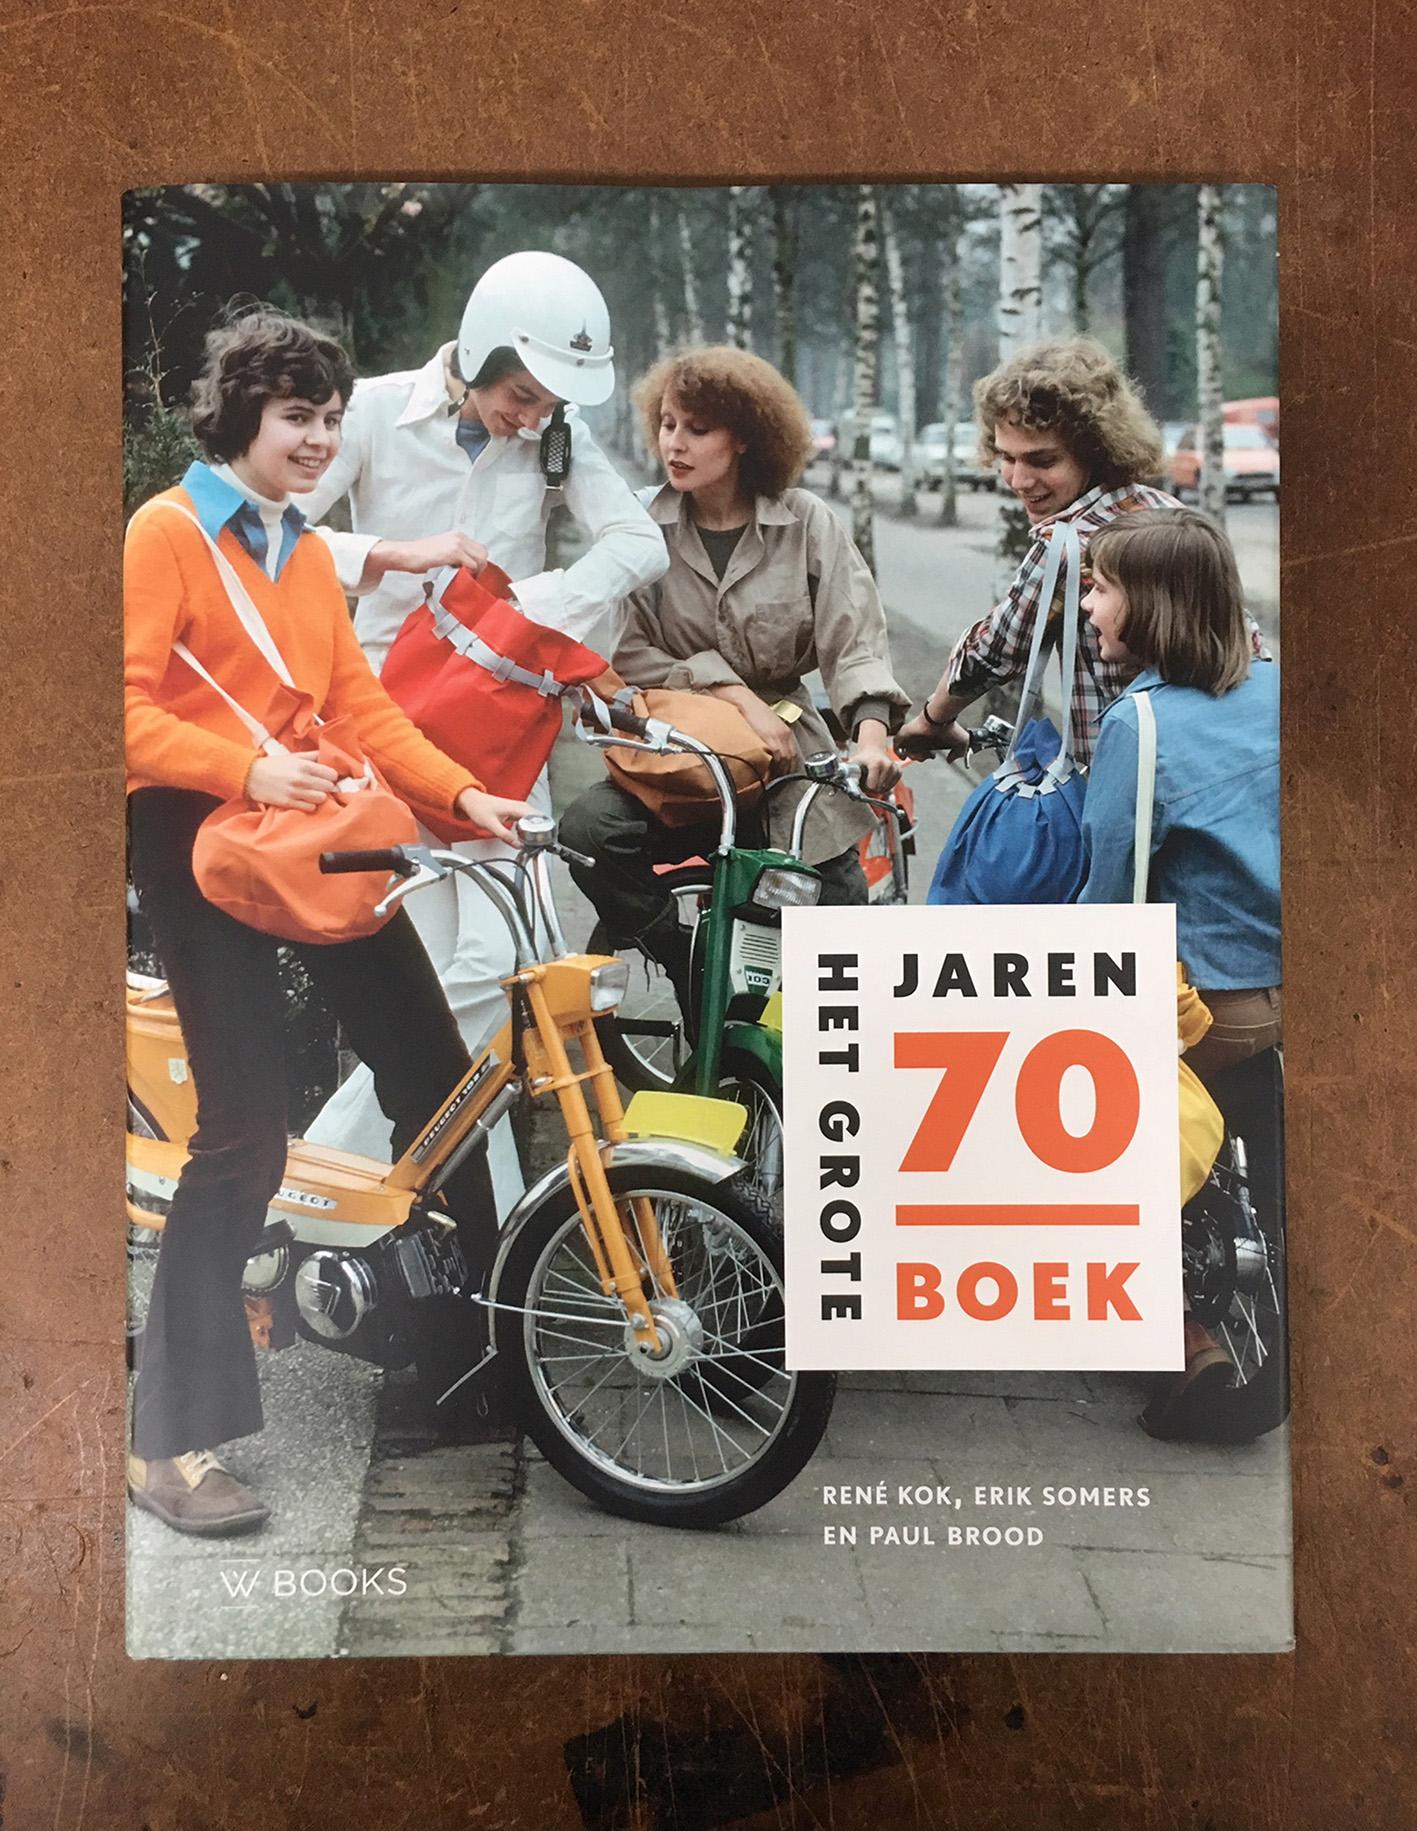 Het grote jaren 70 boek  (René Kok, Erik Somers en Paul Brood / W books)